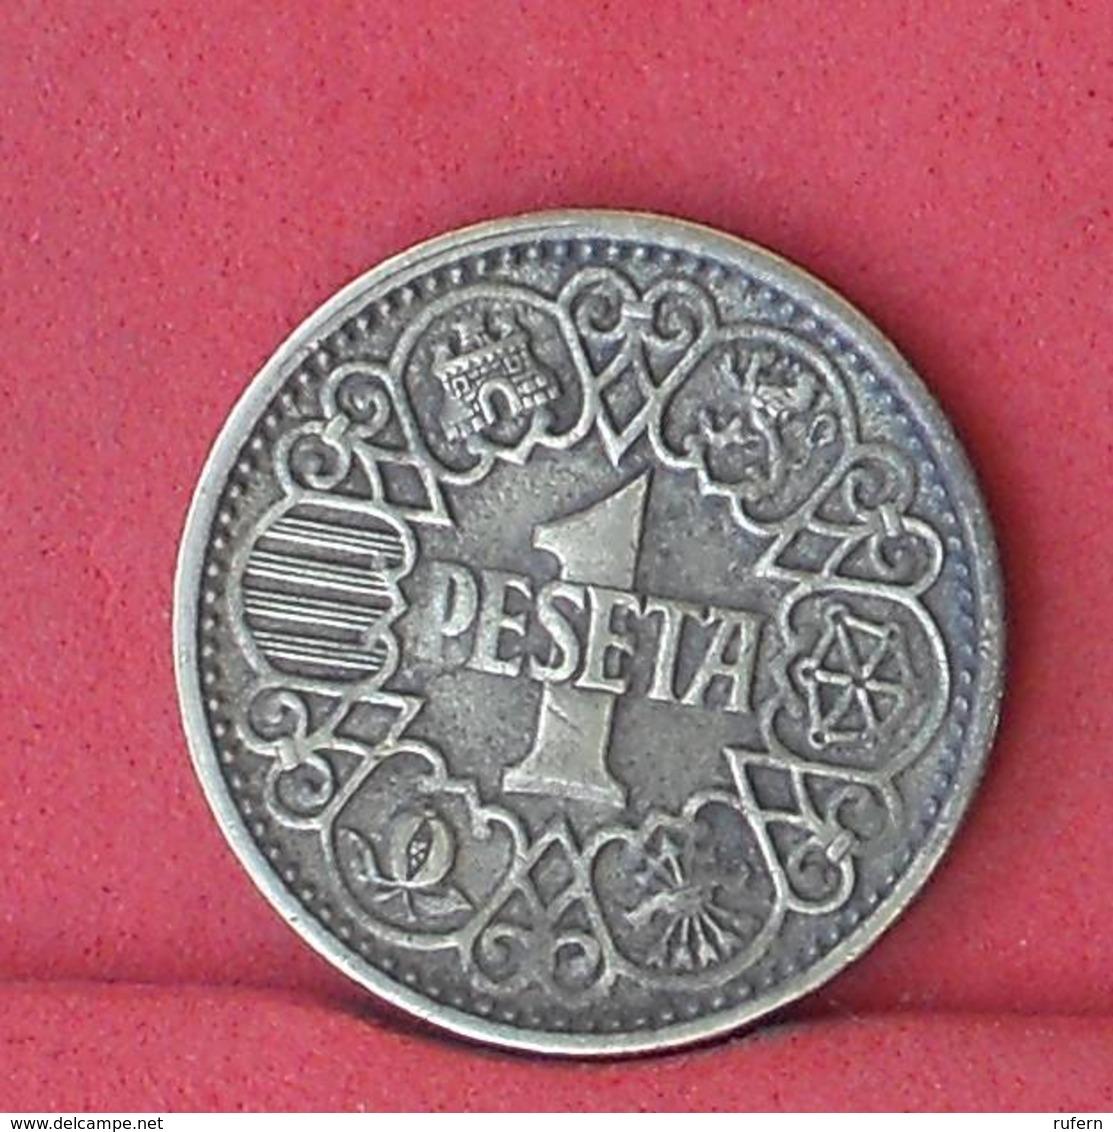 SPAIN 1 PESETA 1944 -    KM# 767 - (Nº33828) - 1 Peseta